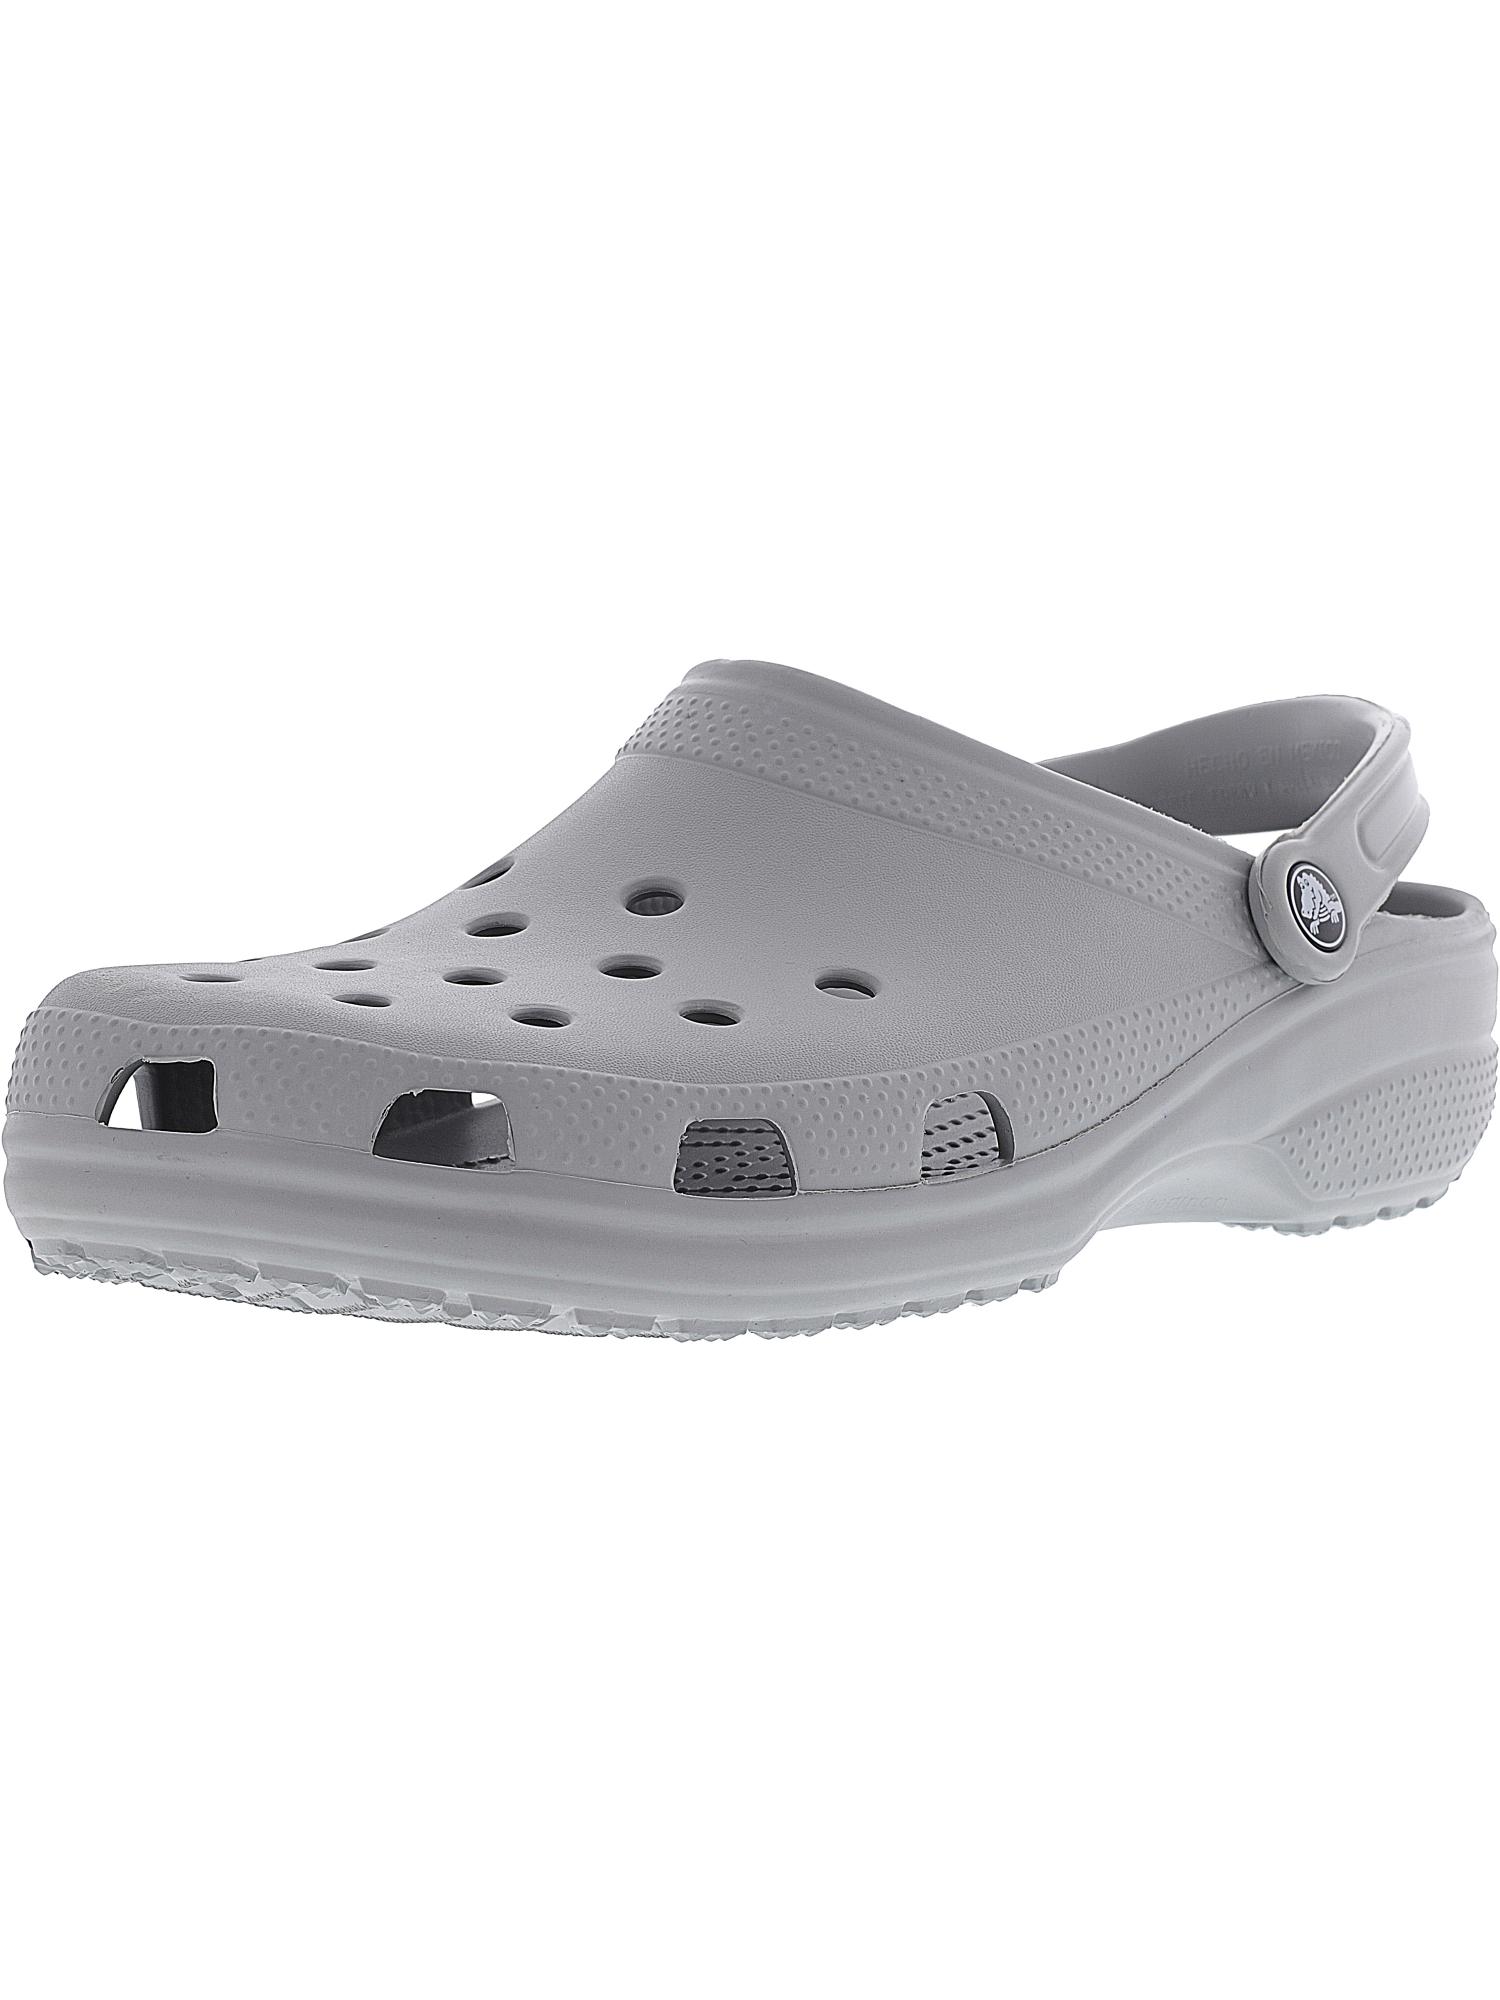 Crocs-Classic-Clog-Ltd-Clogs thumbnail 24